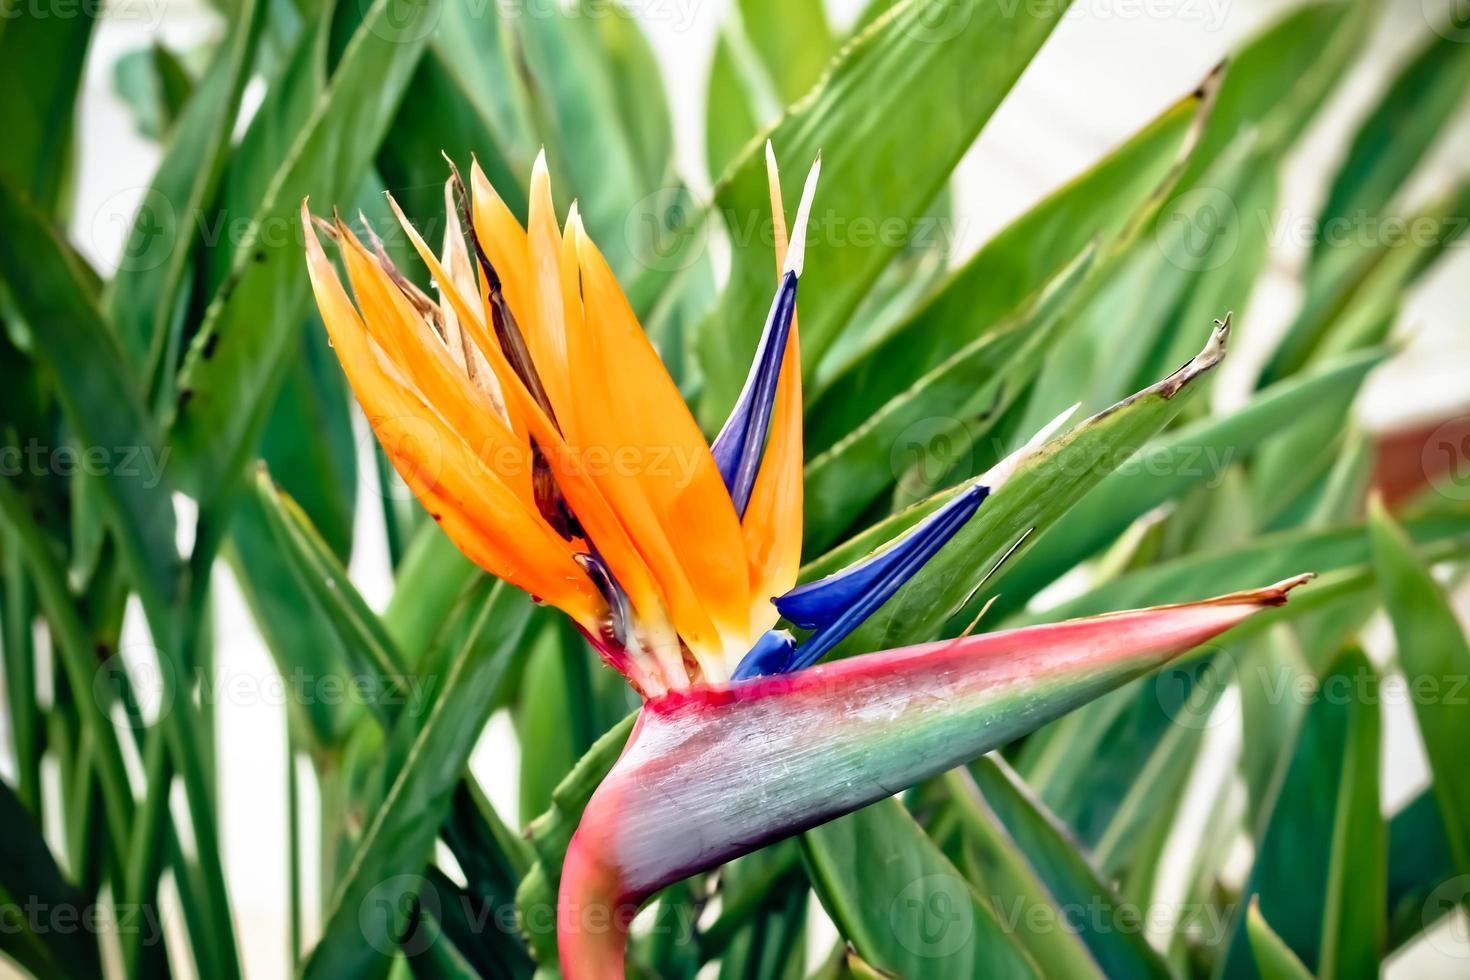 kleurrijke, exotische strelitzia-bloem foto